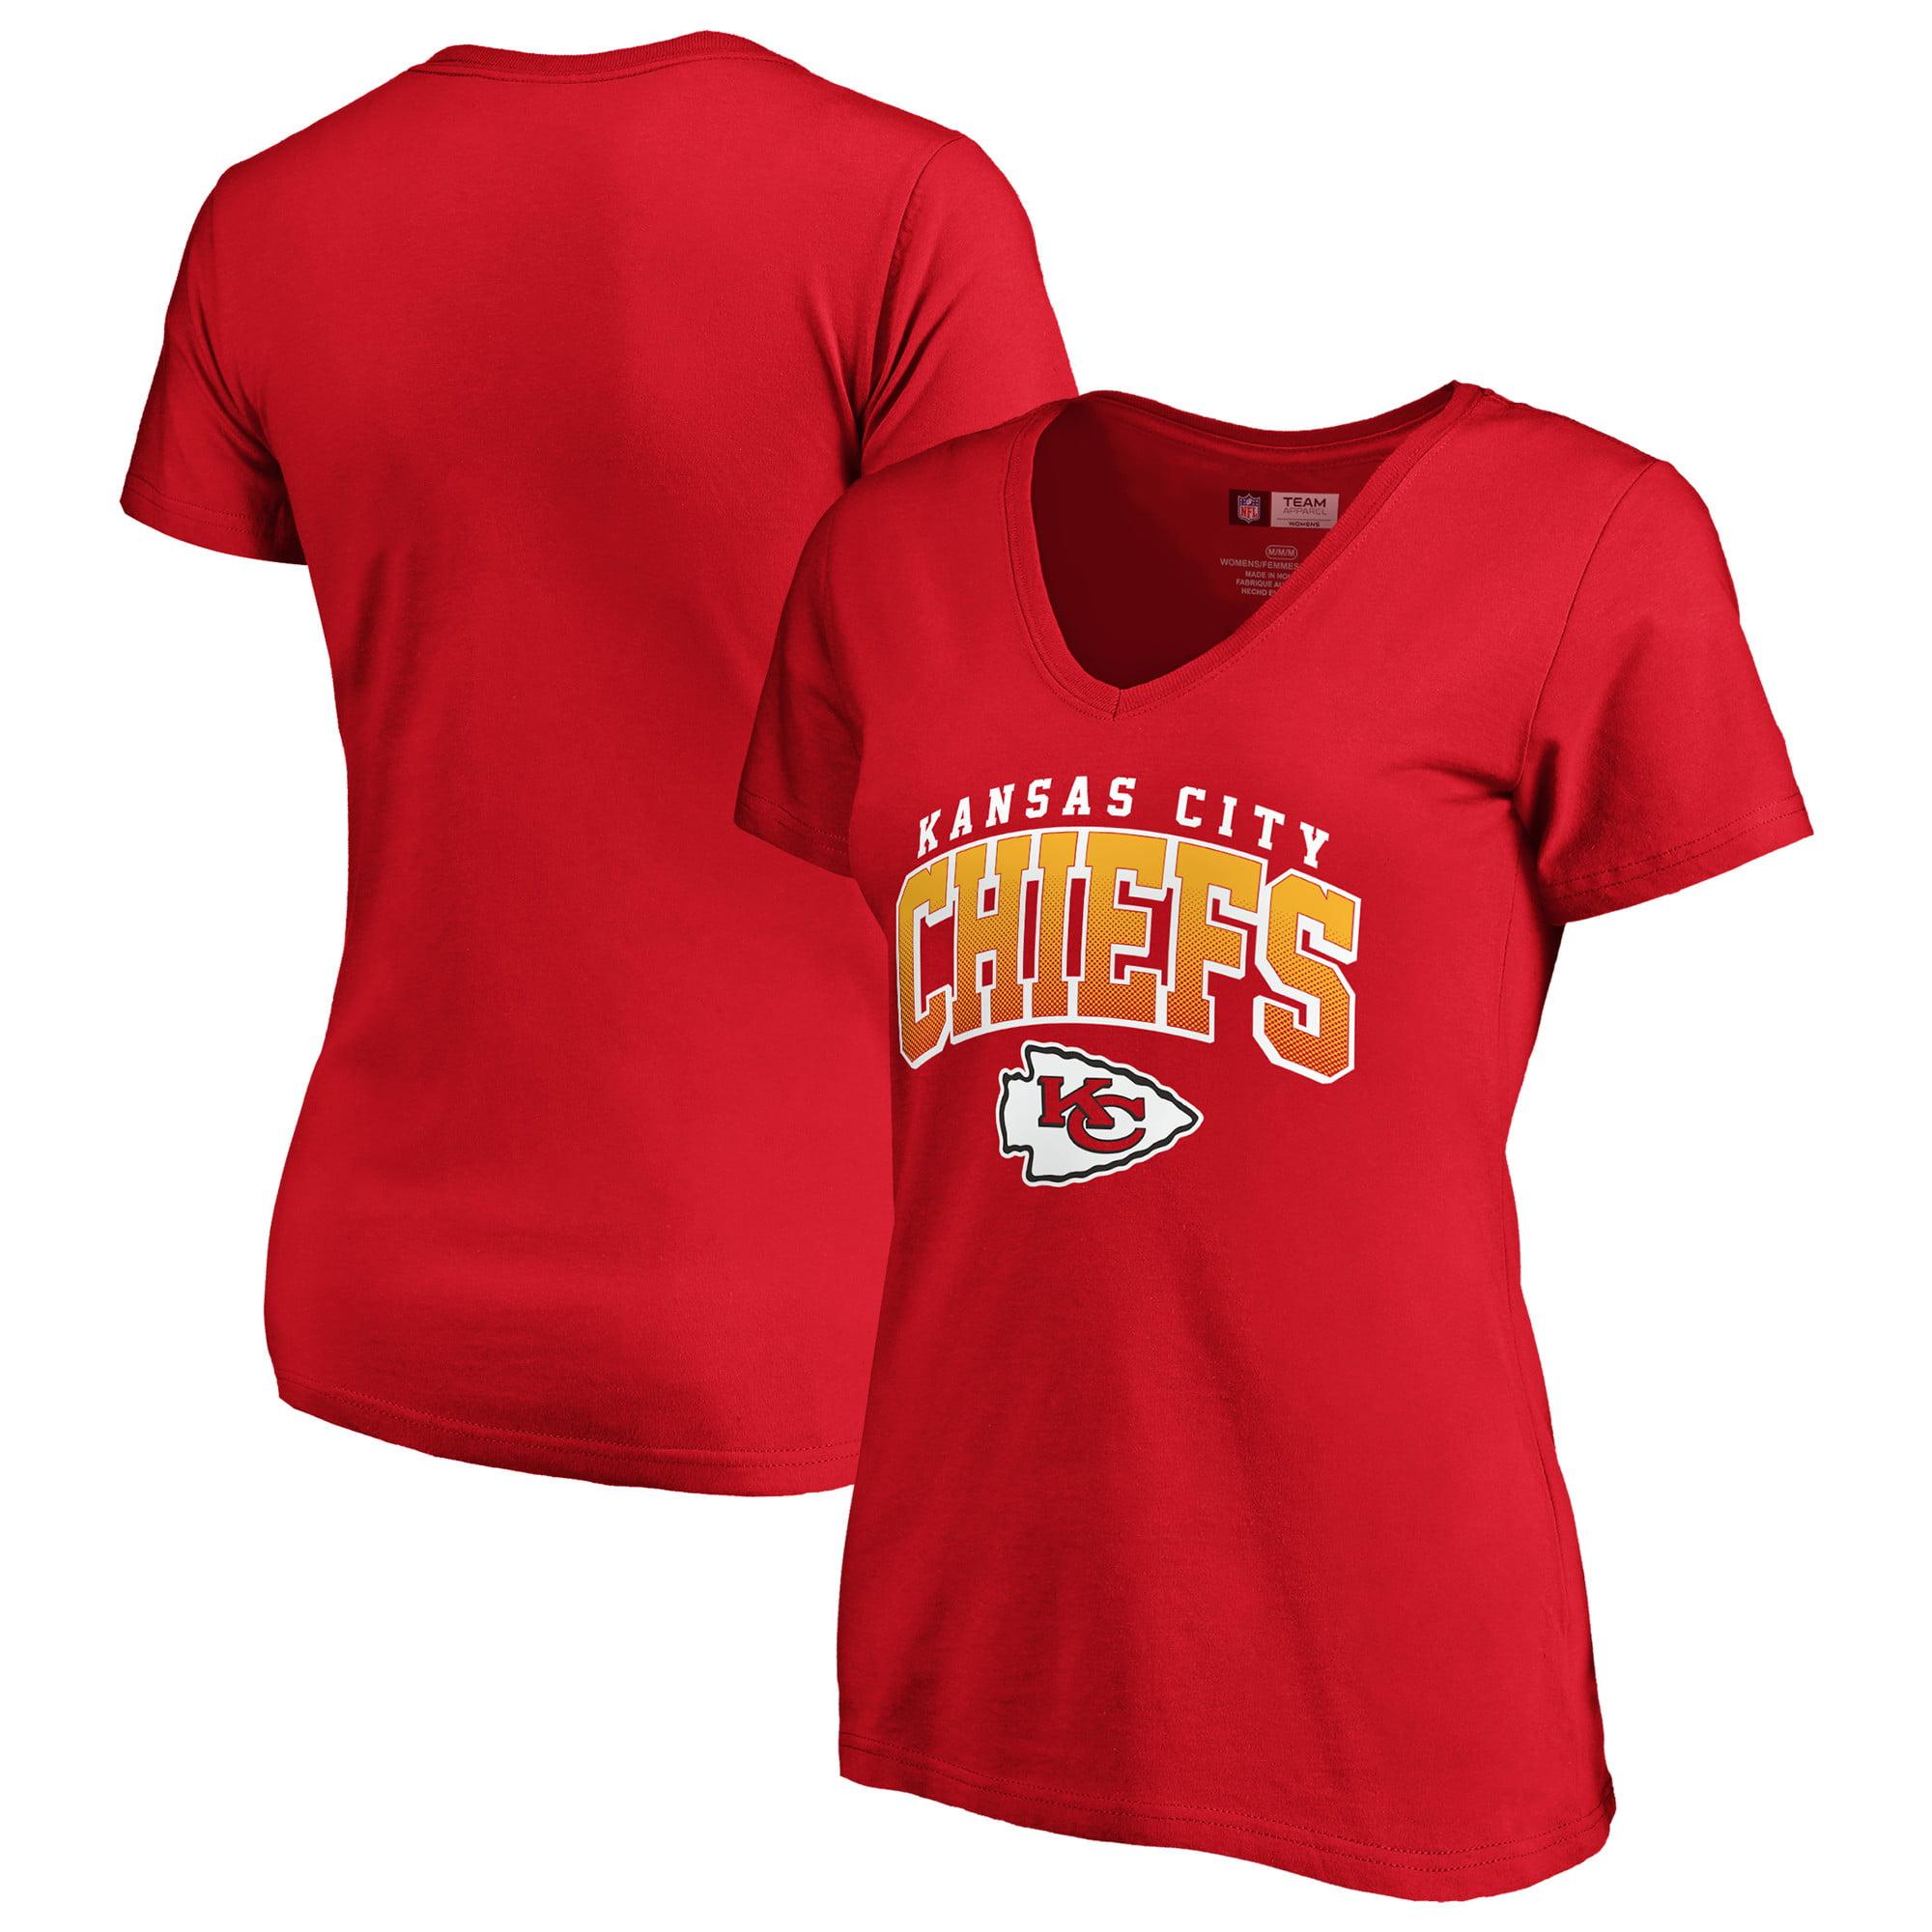 7a14cf24 NFL Fan Shop - Walmart.com